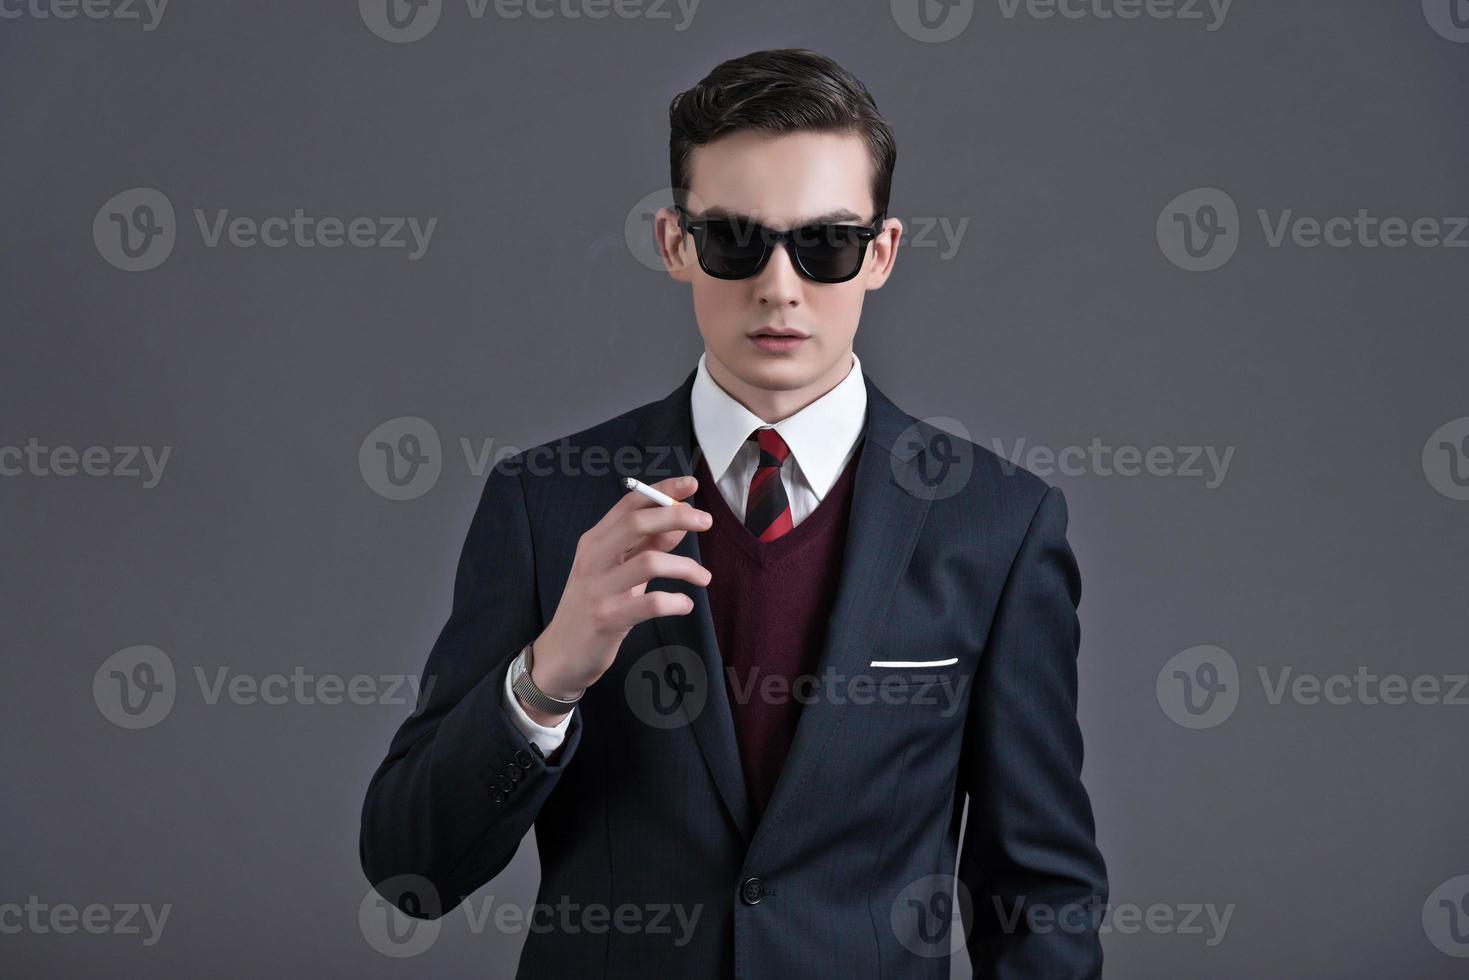 retro años cincuenta moda joven empresario con gafas de sol negras. foto